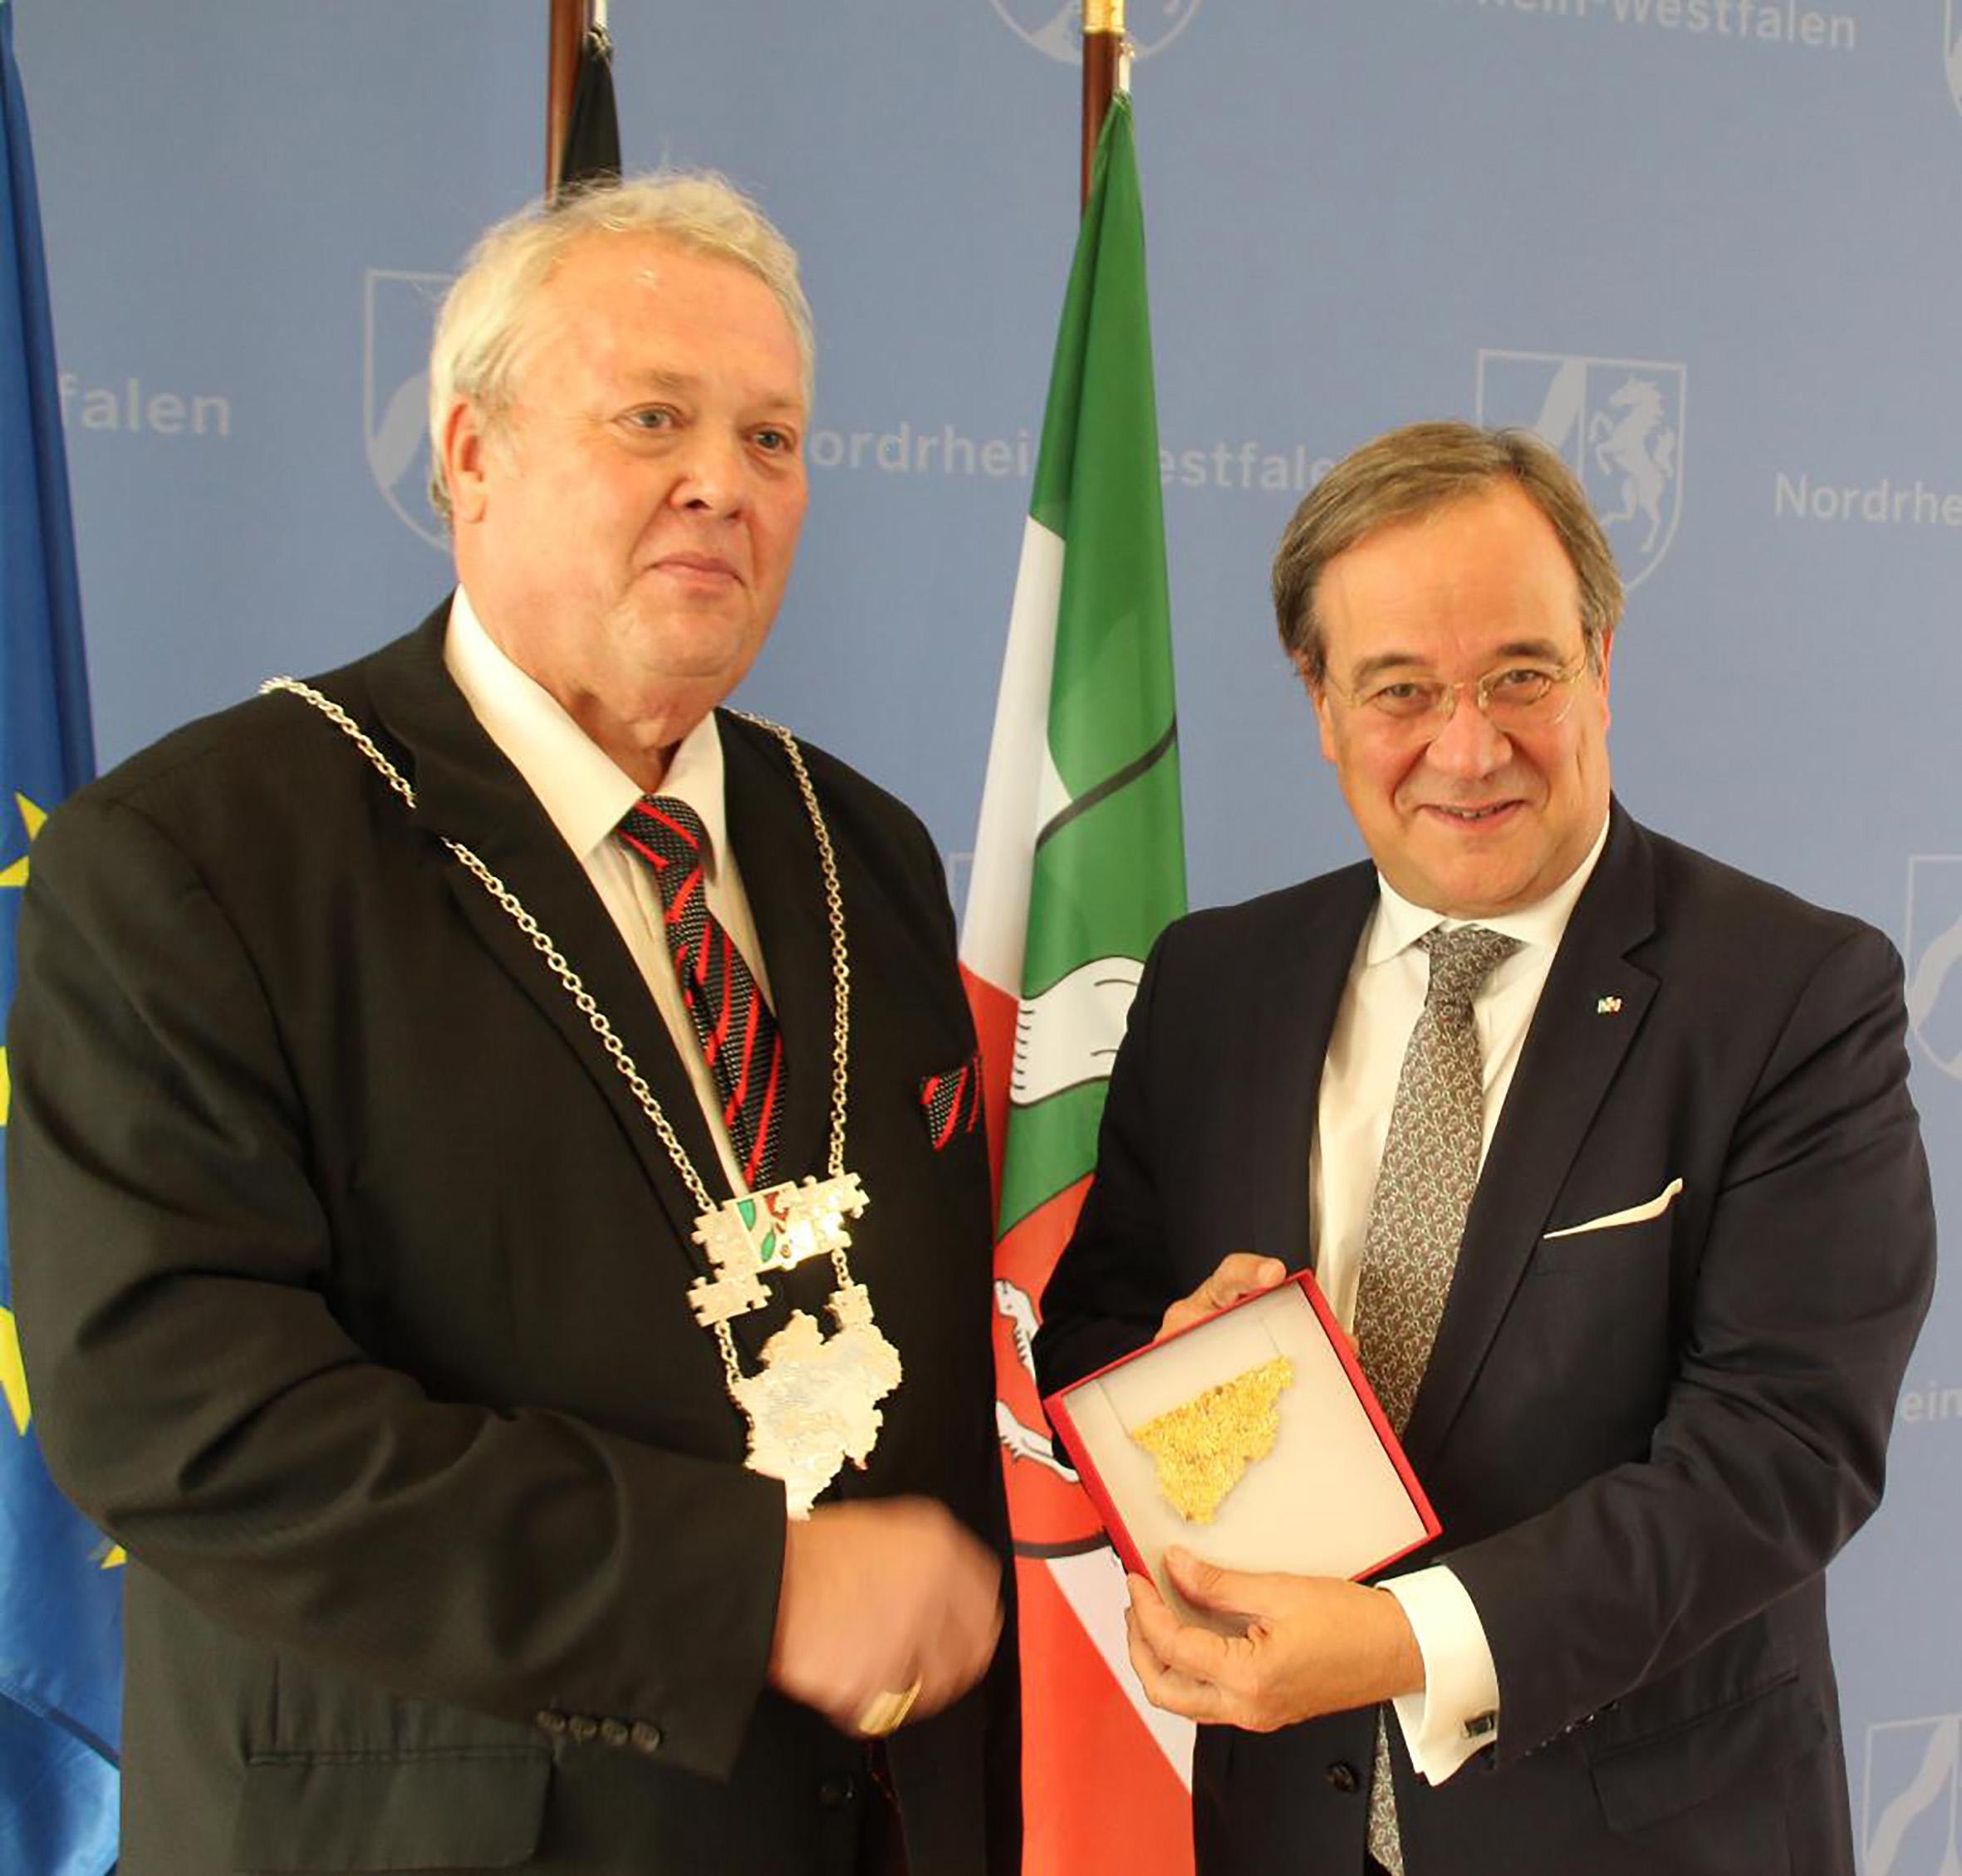 Goldschmiedemeister, Landesinnungsmeister NRW Ministerpräsident Armin Laschet LIV